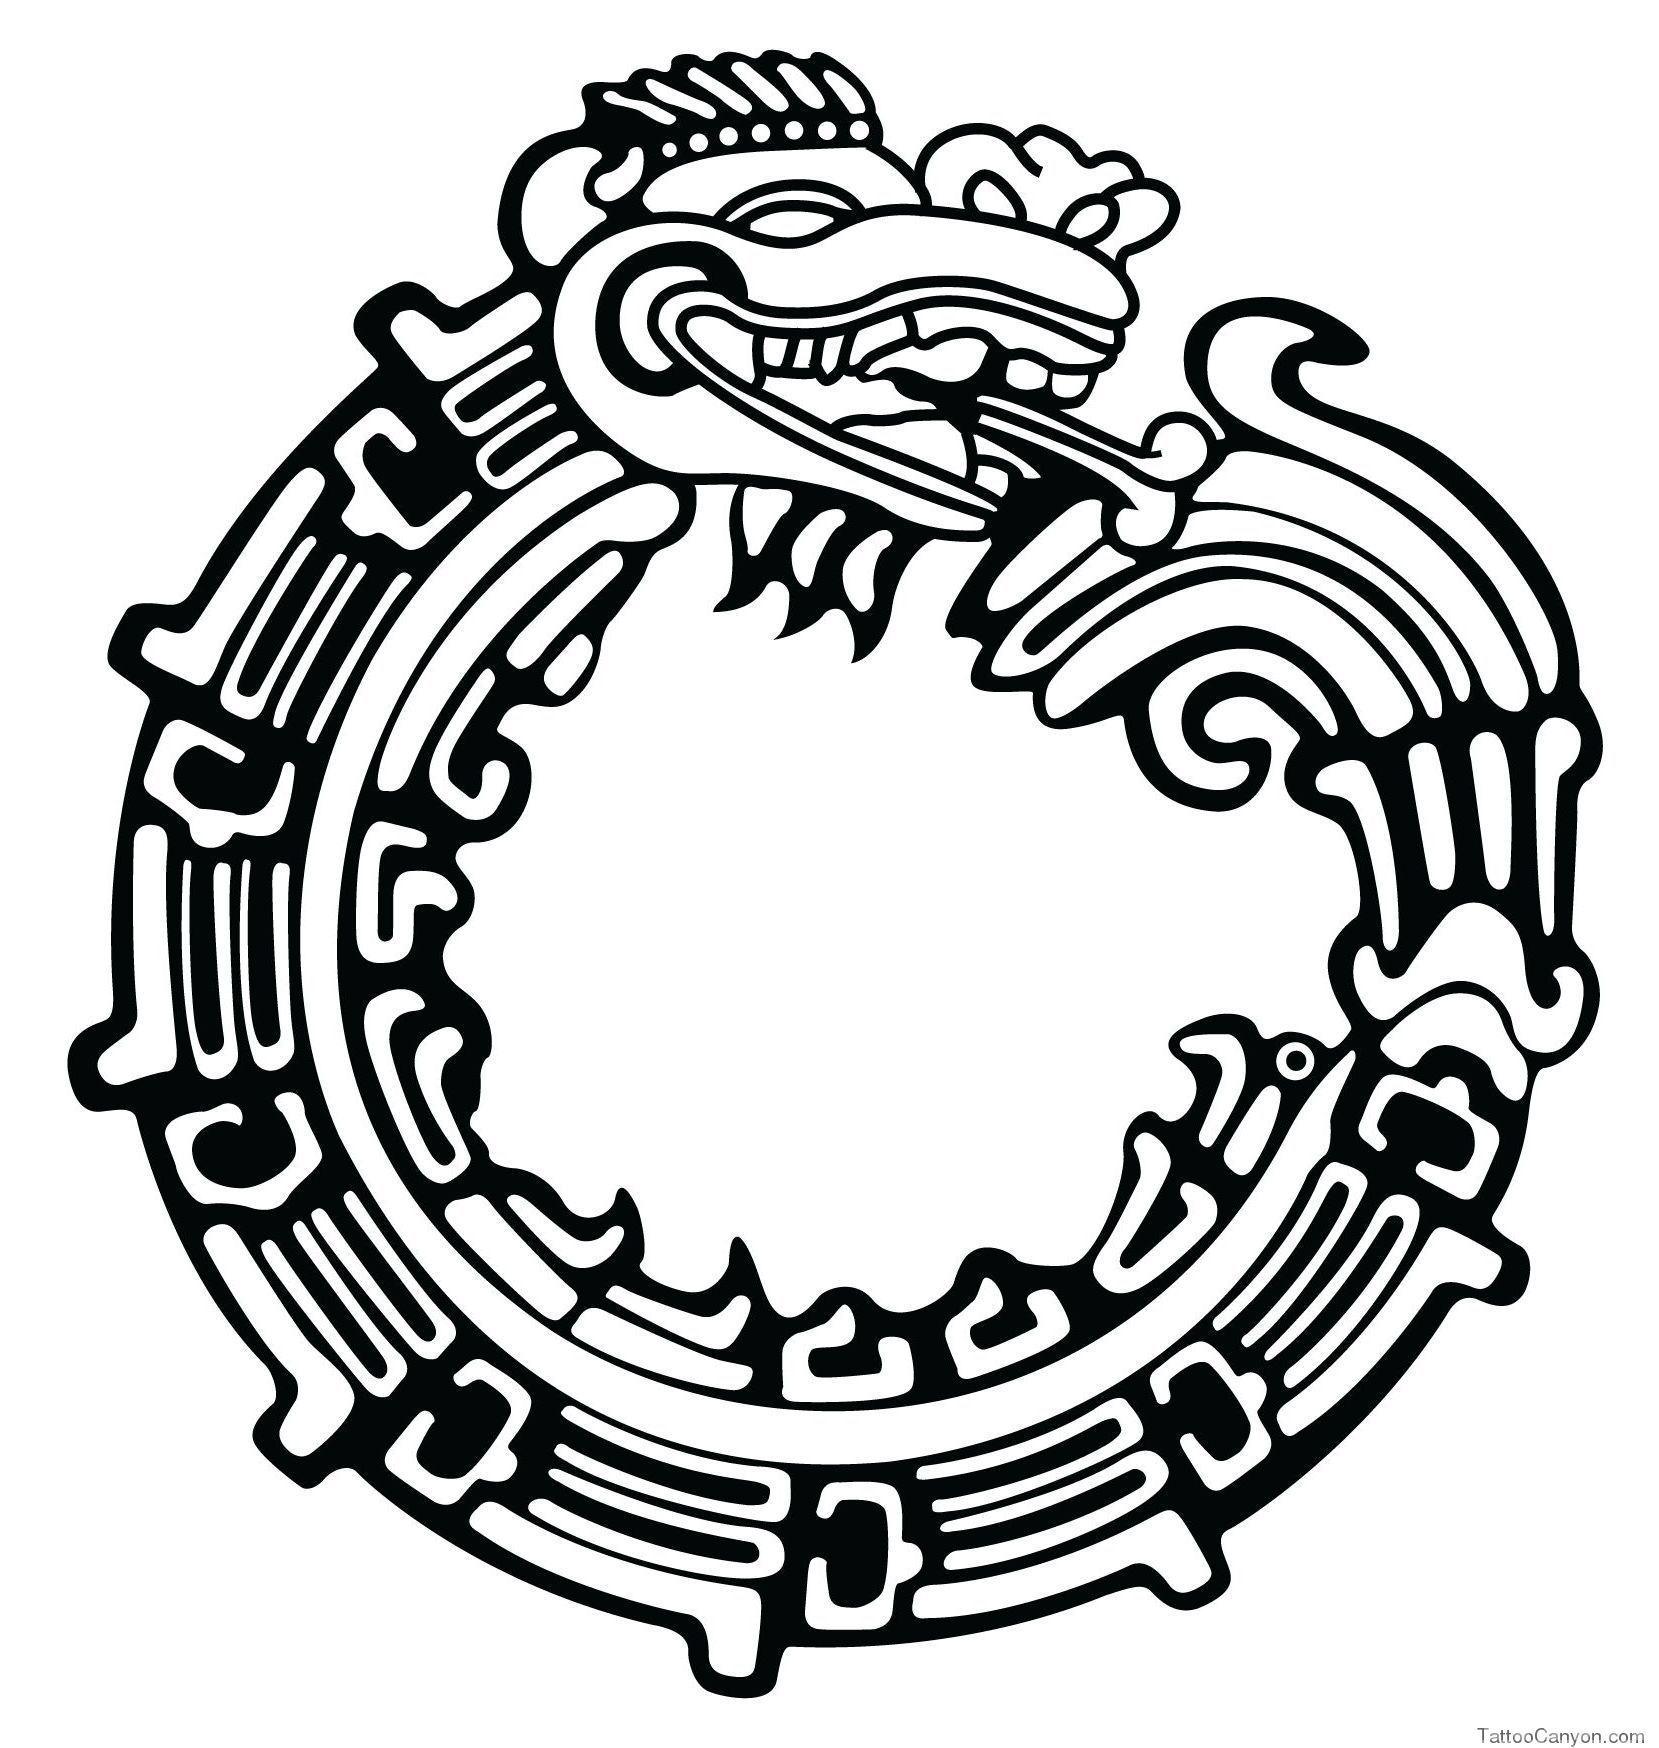 Quetzalcoatl aztec god tattoo aztec god huitzilopochtli mexico quetzalcoatl aztec god tattoo aztec god huitzilopochtli biocorpaavc Gallery